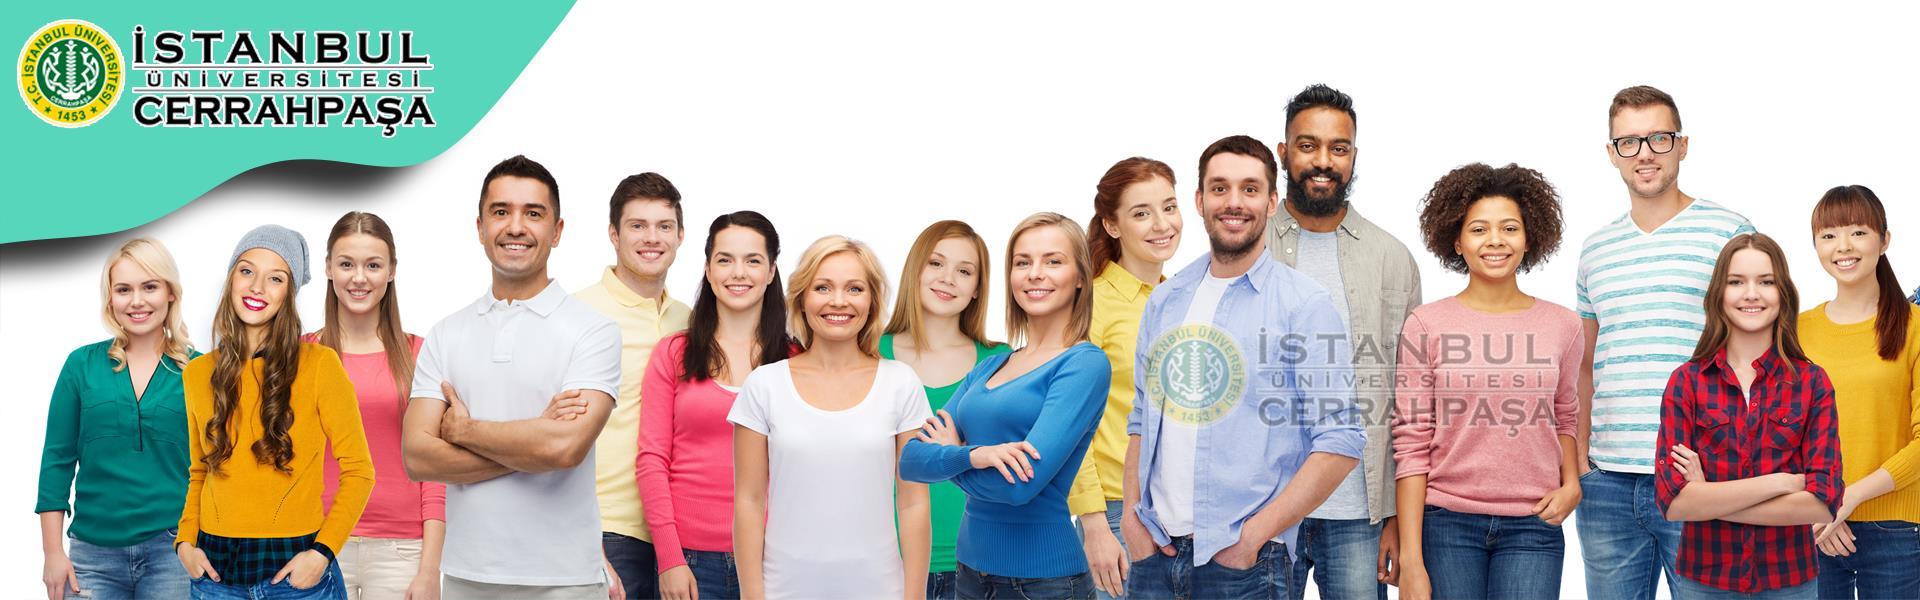 TÜRKÇE-YETERLİK-SINAVI-(TYS) tys türkçe sınav yeterlilik-sınavı